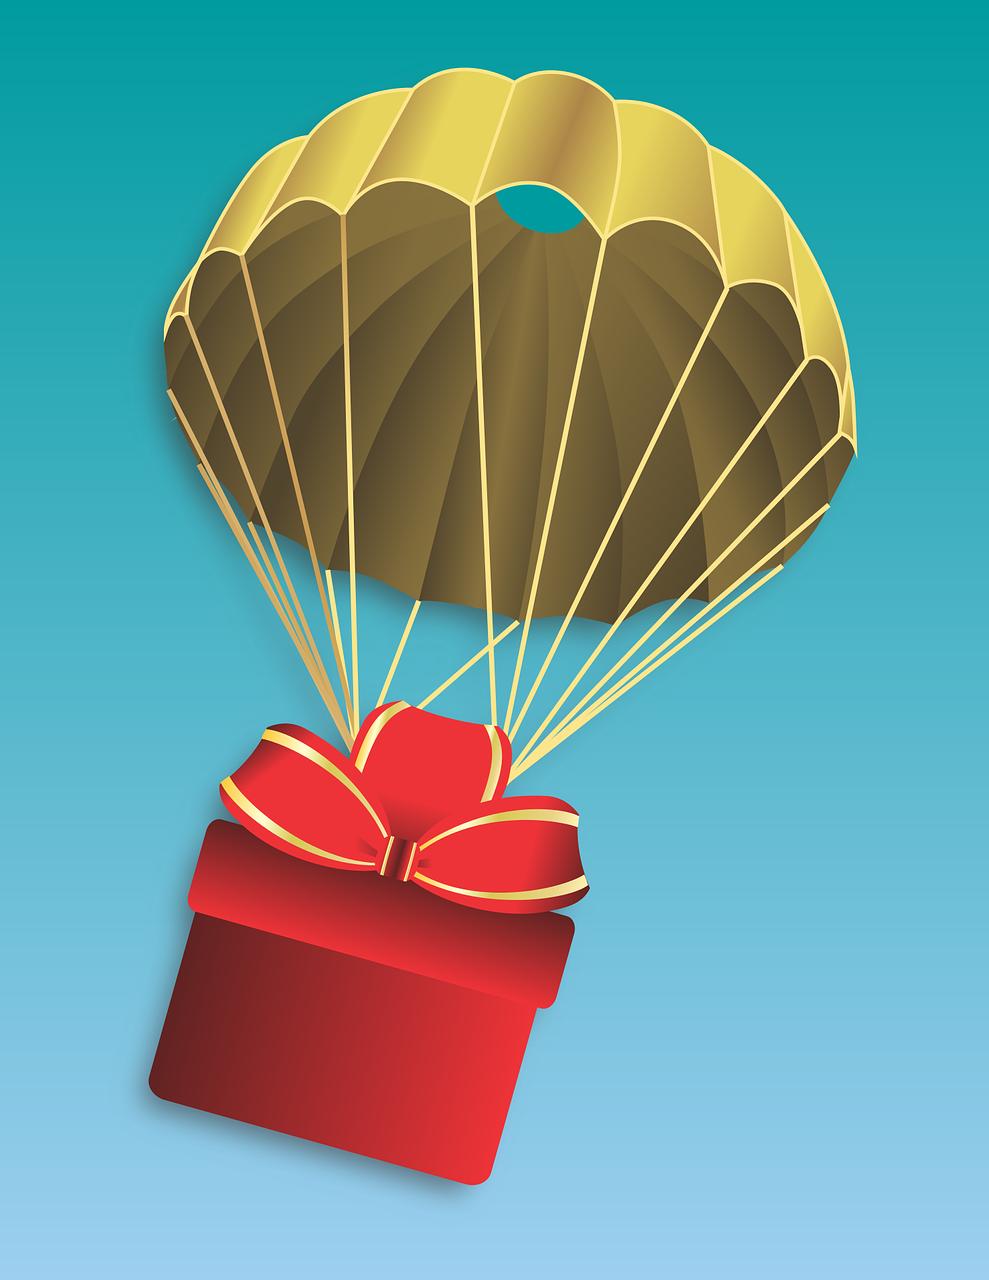 parachute1572454_1280.png